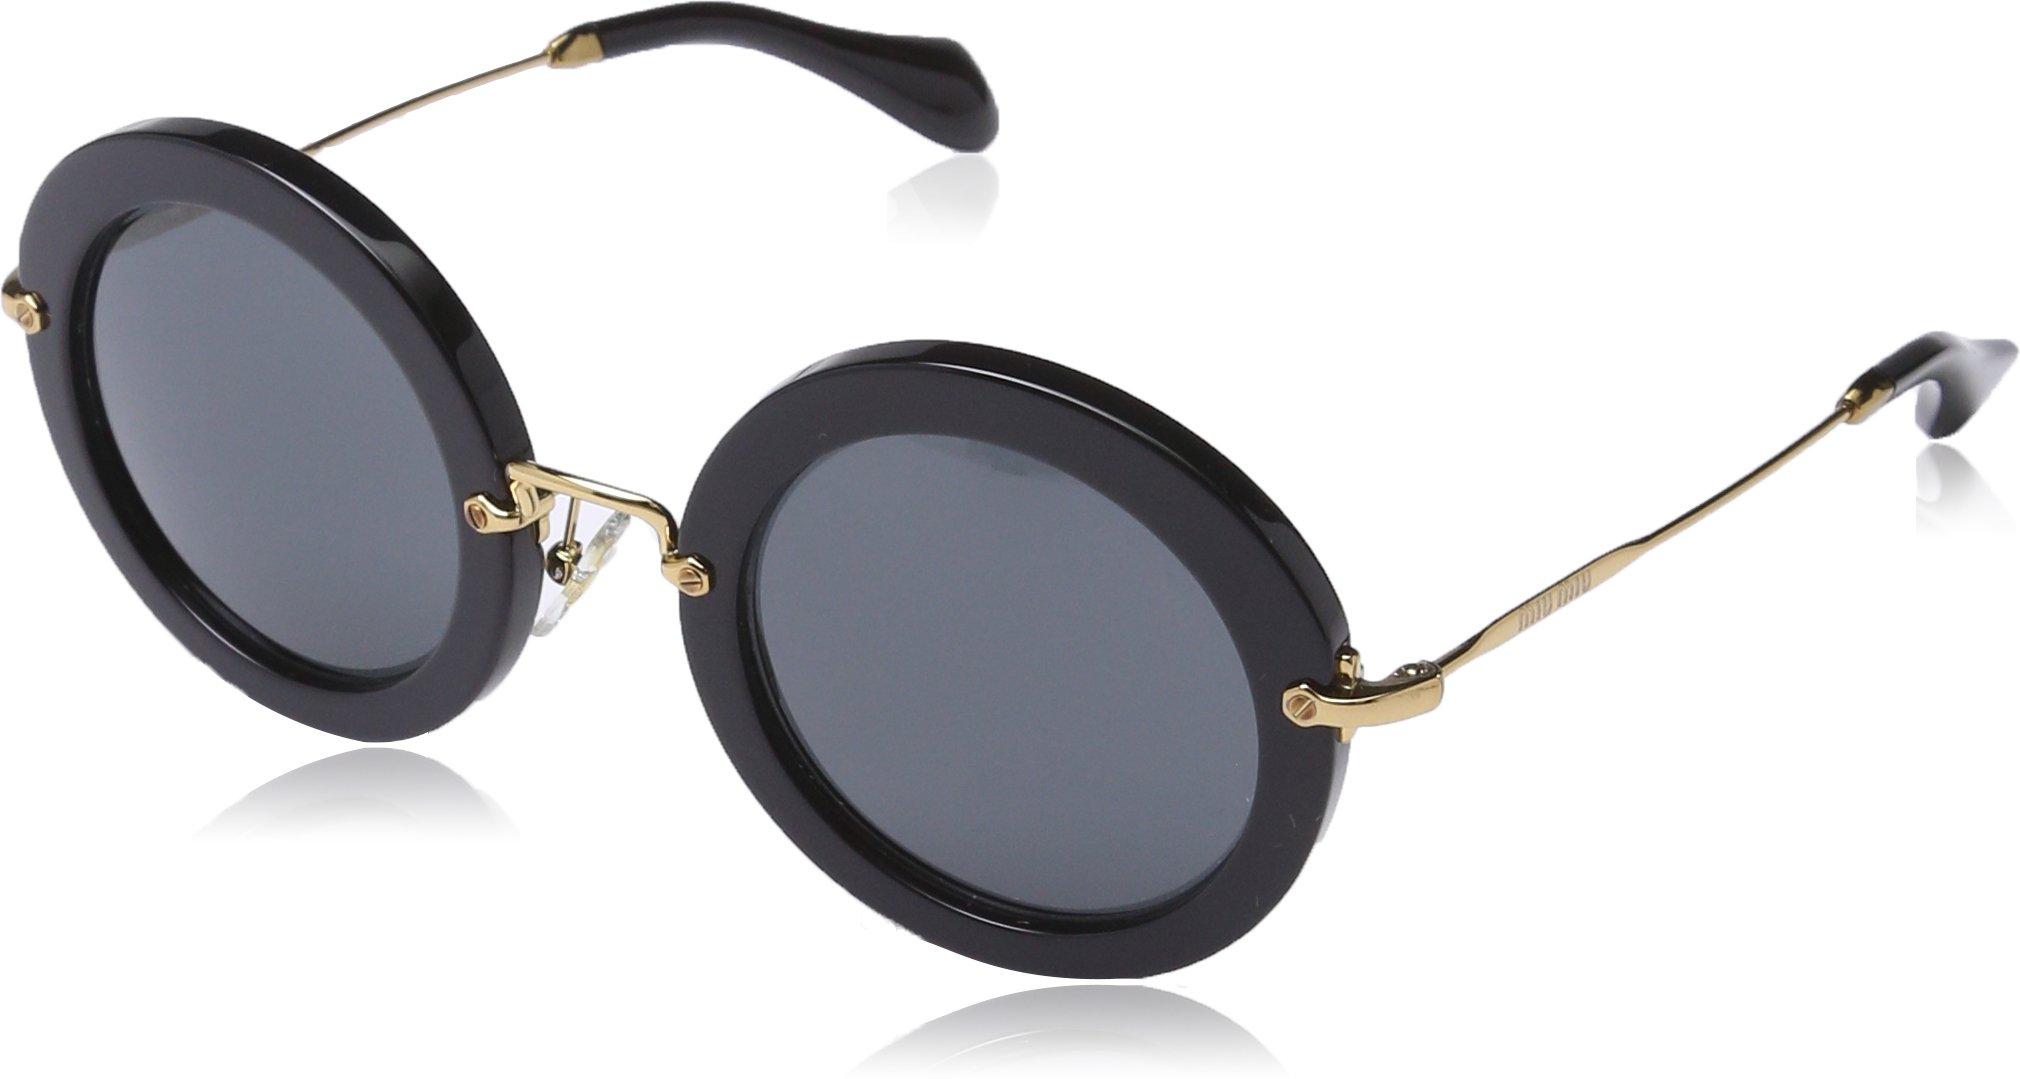 Miu Miu Women's MU 13NS Designer Sunglasses, Black